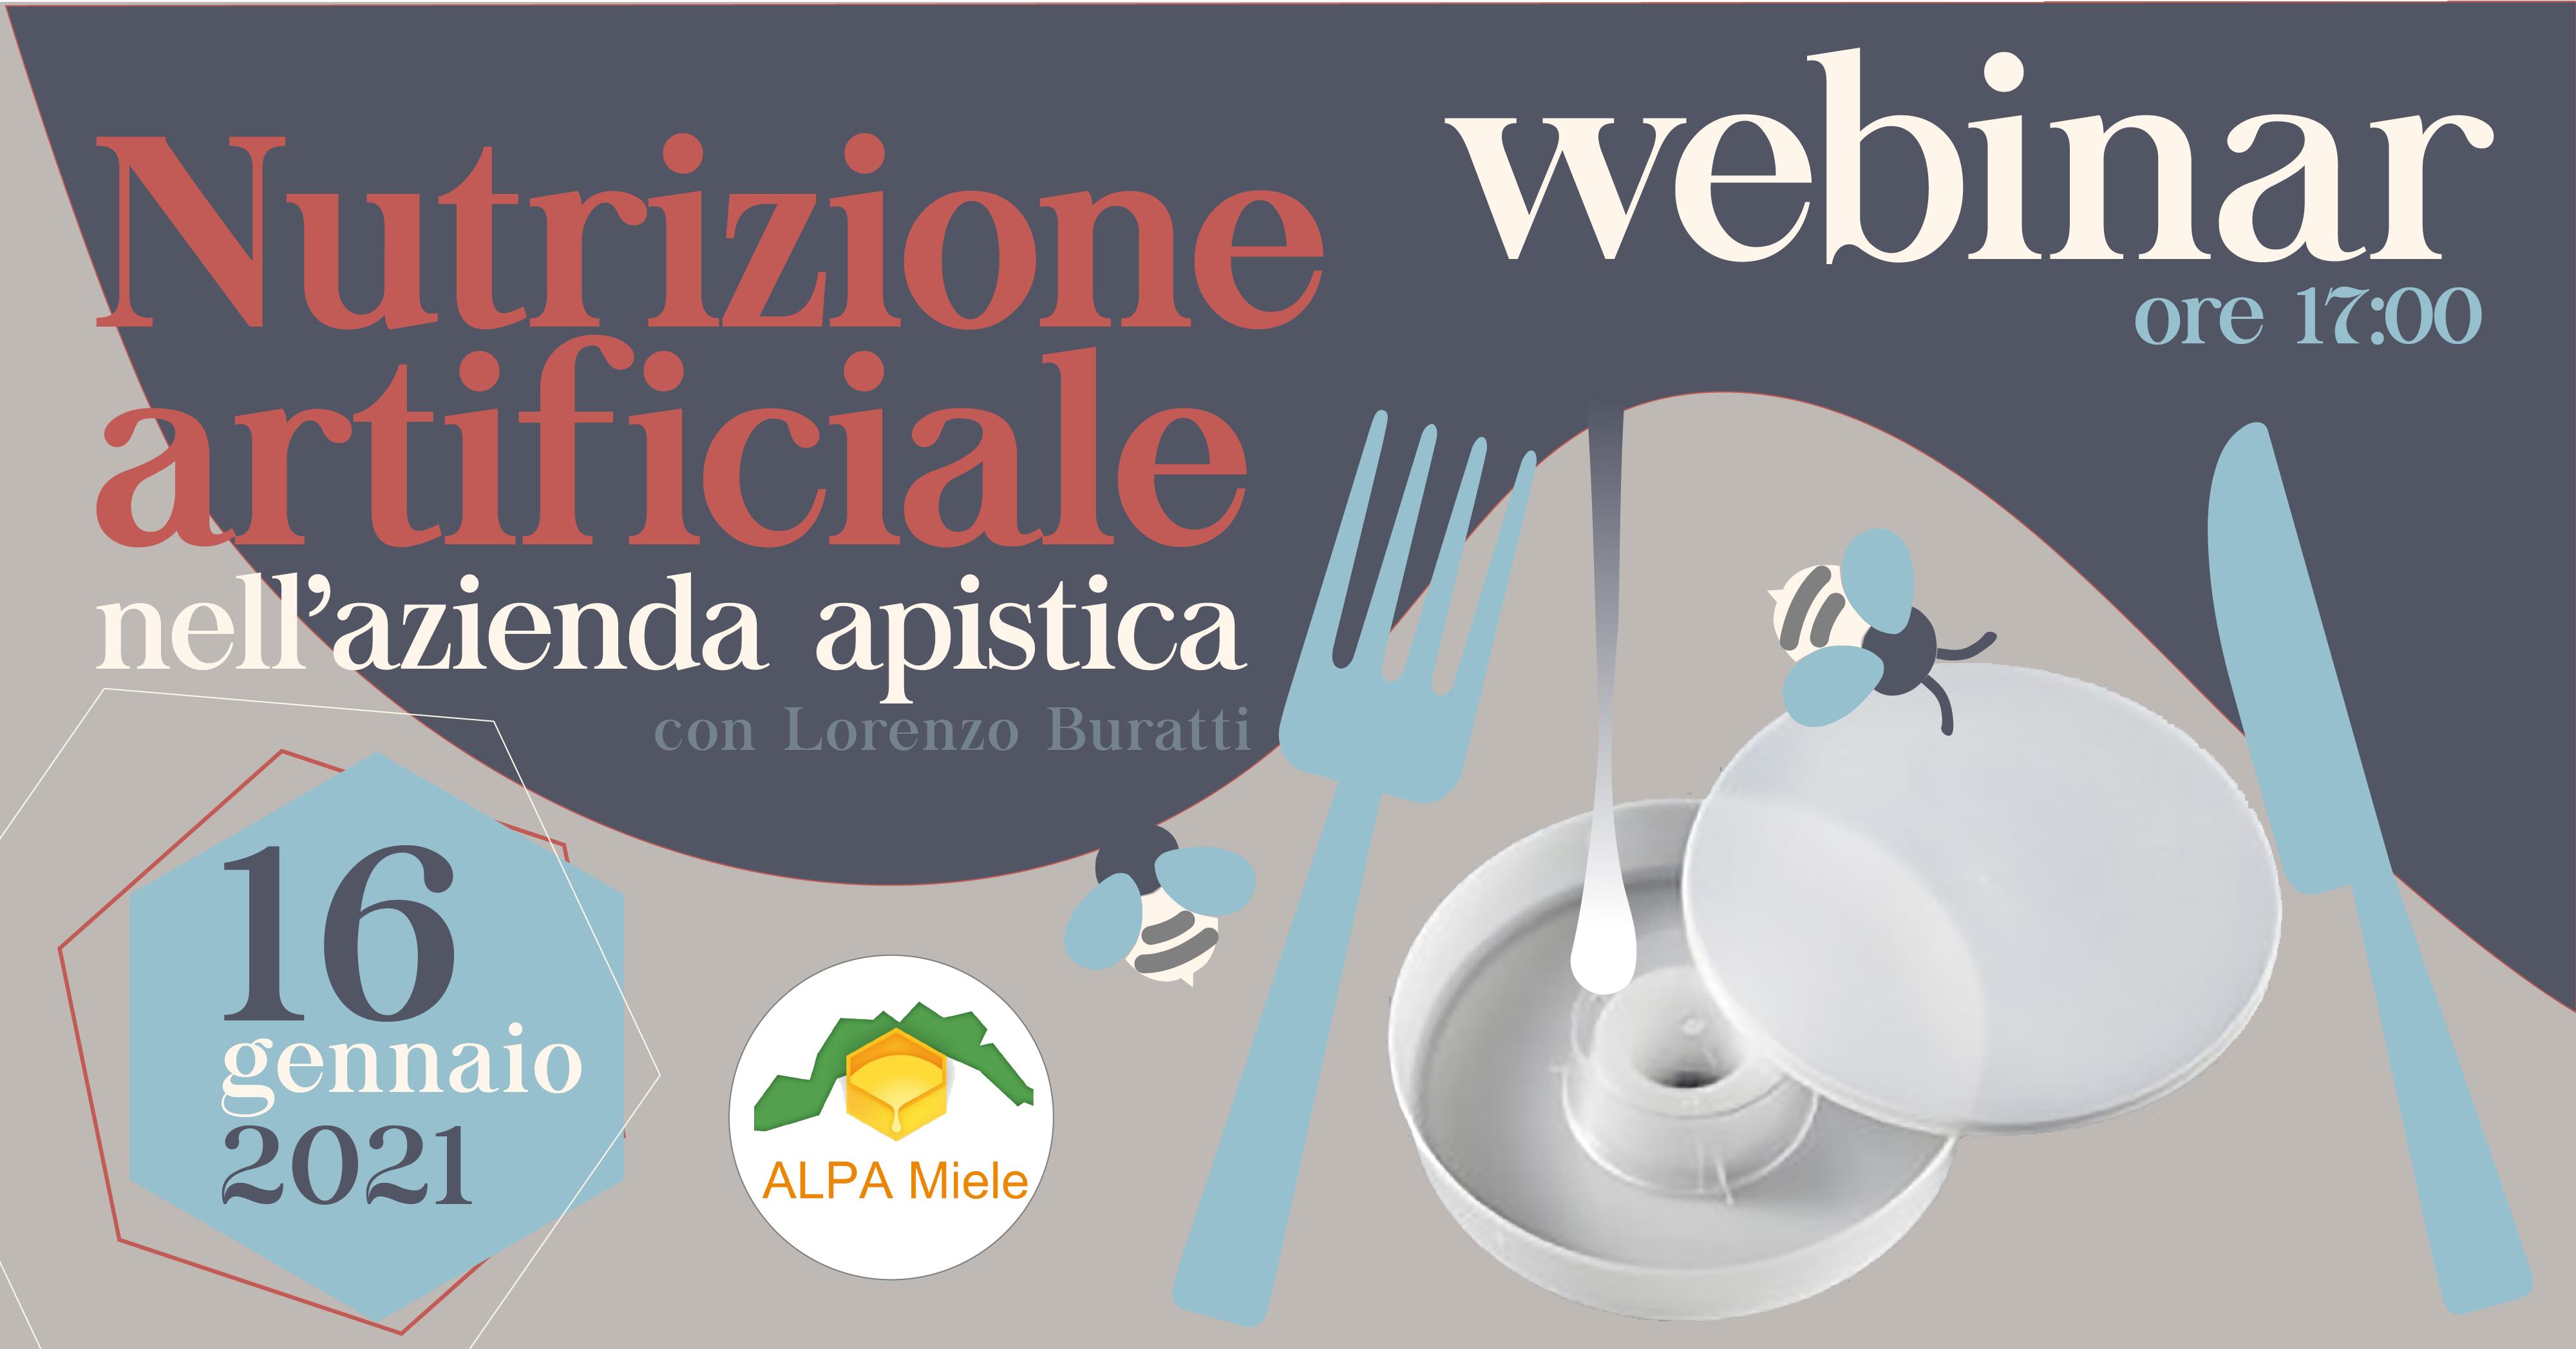 Webinar: Nutrizione Artificiale degli Alveari nell'Azienda Apistica